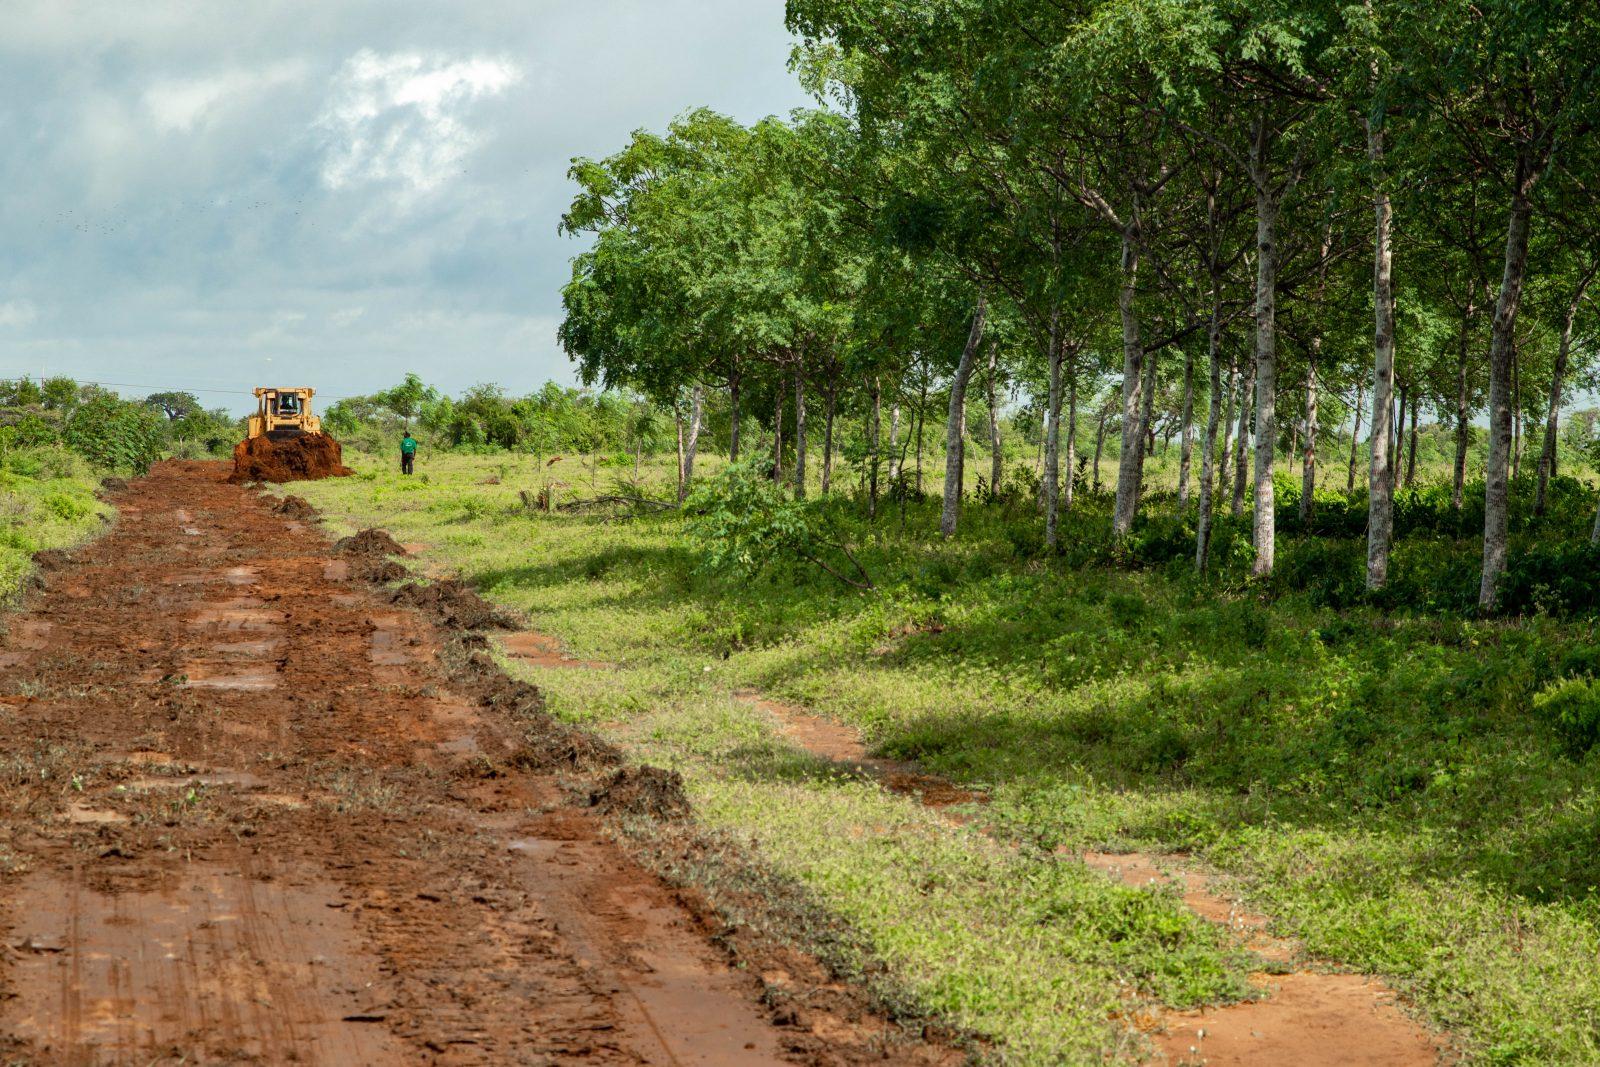 Här syns en bulldozer som gör markberedning inför plantering av fler Mukau-träd på Nyongoro-plantagen.